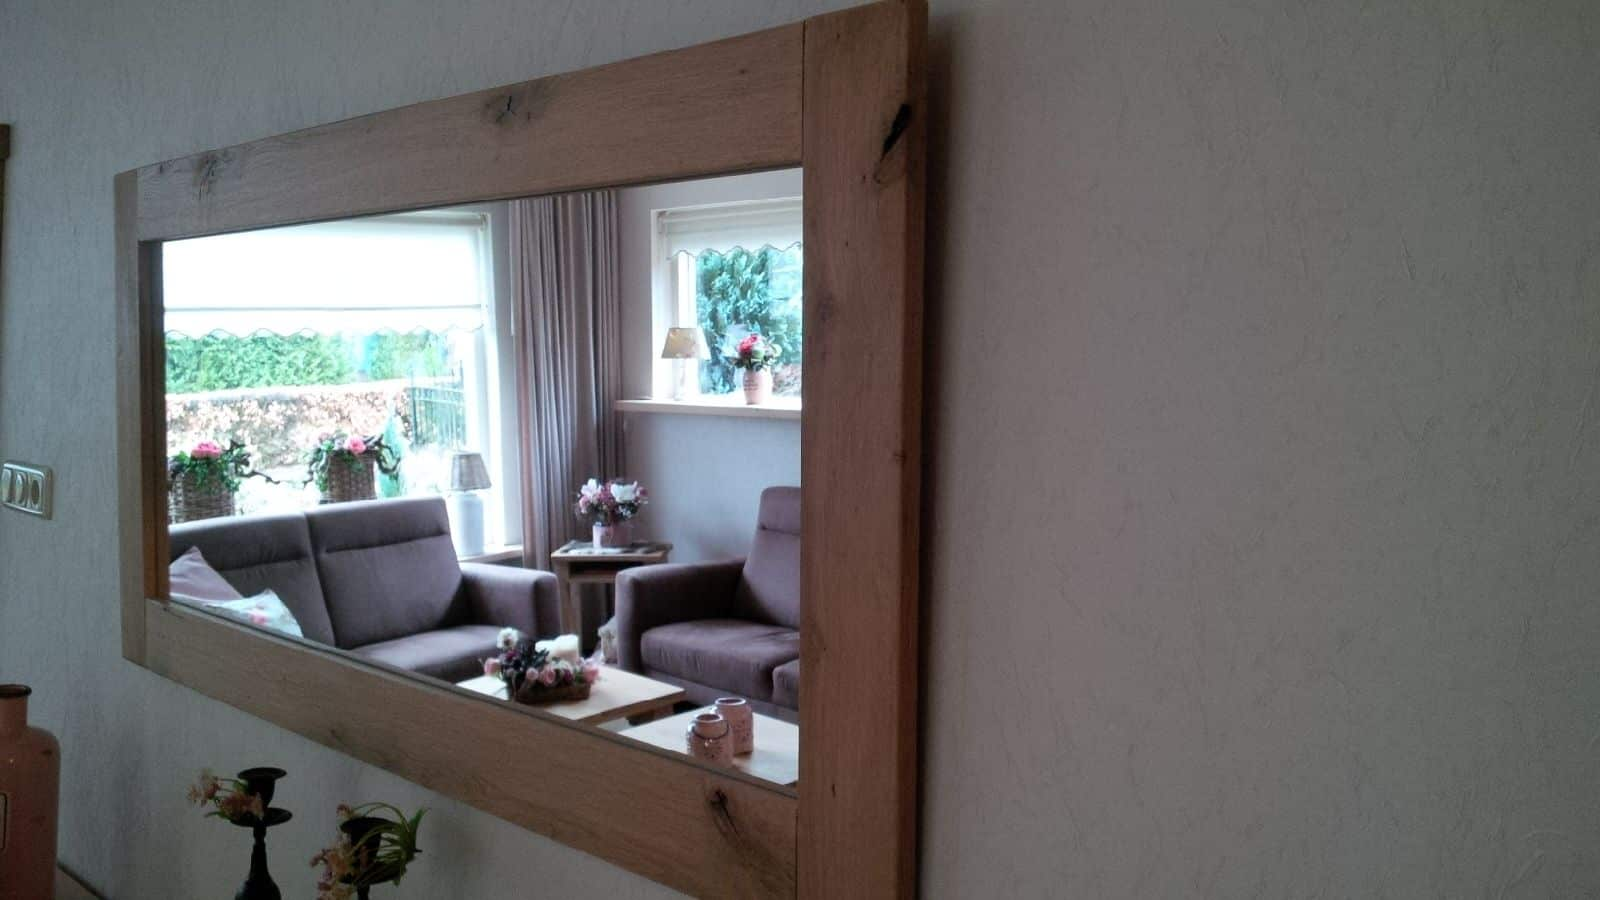 Eikenhouten spiegel